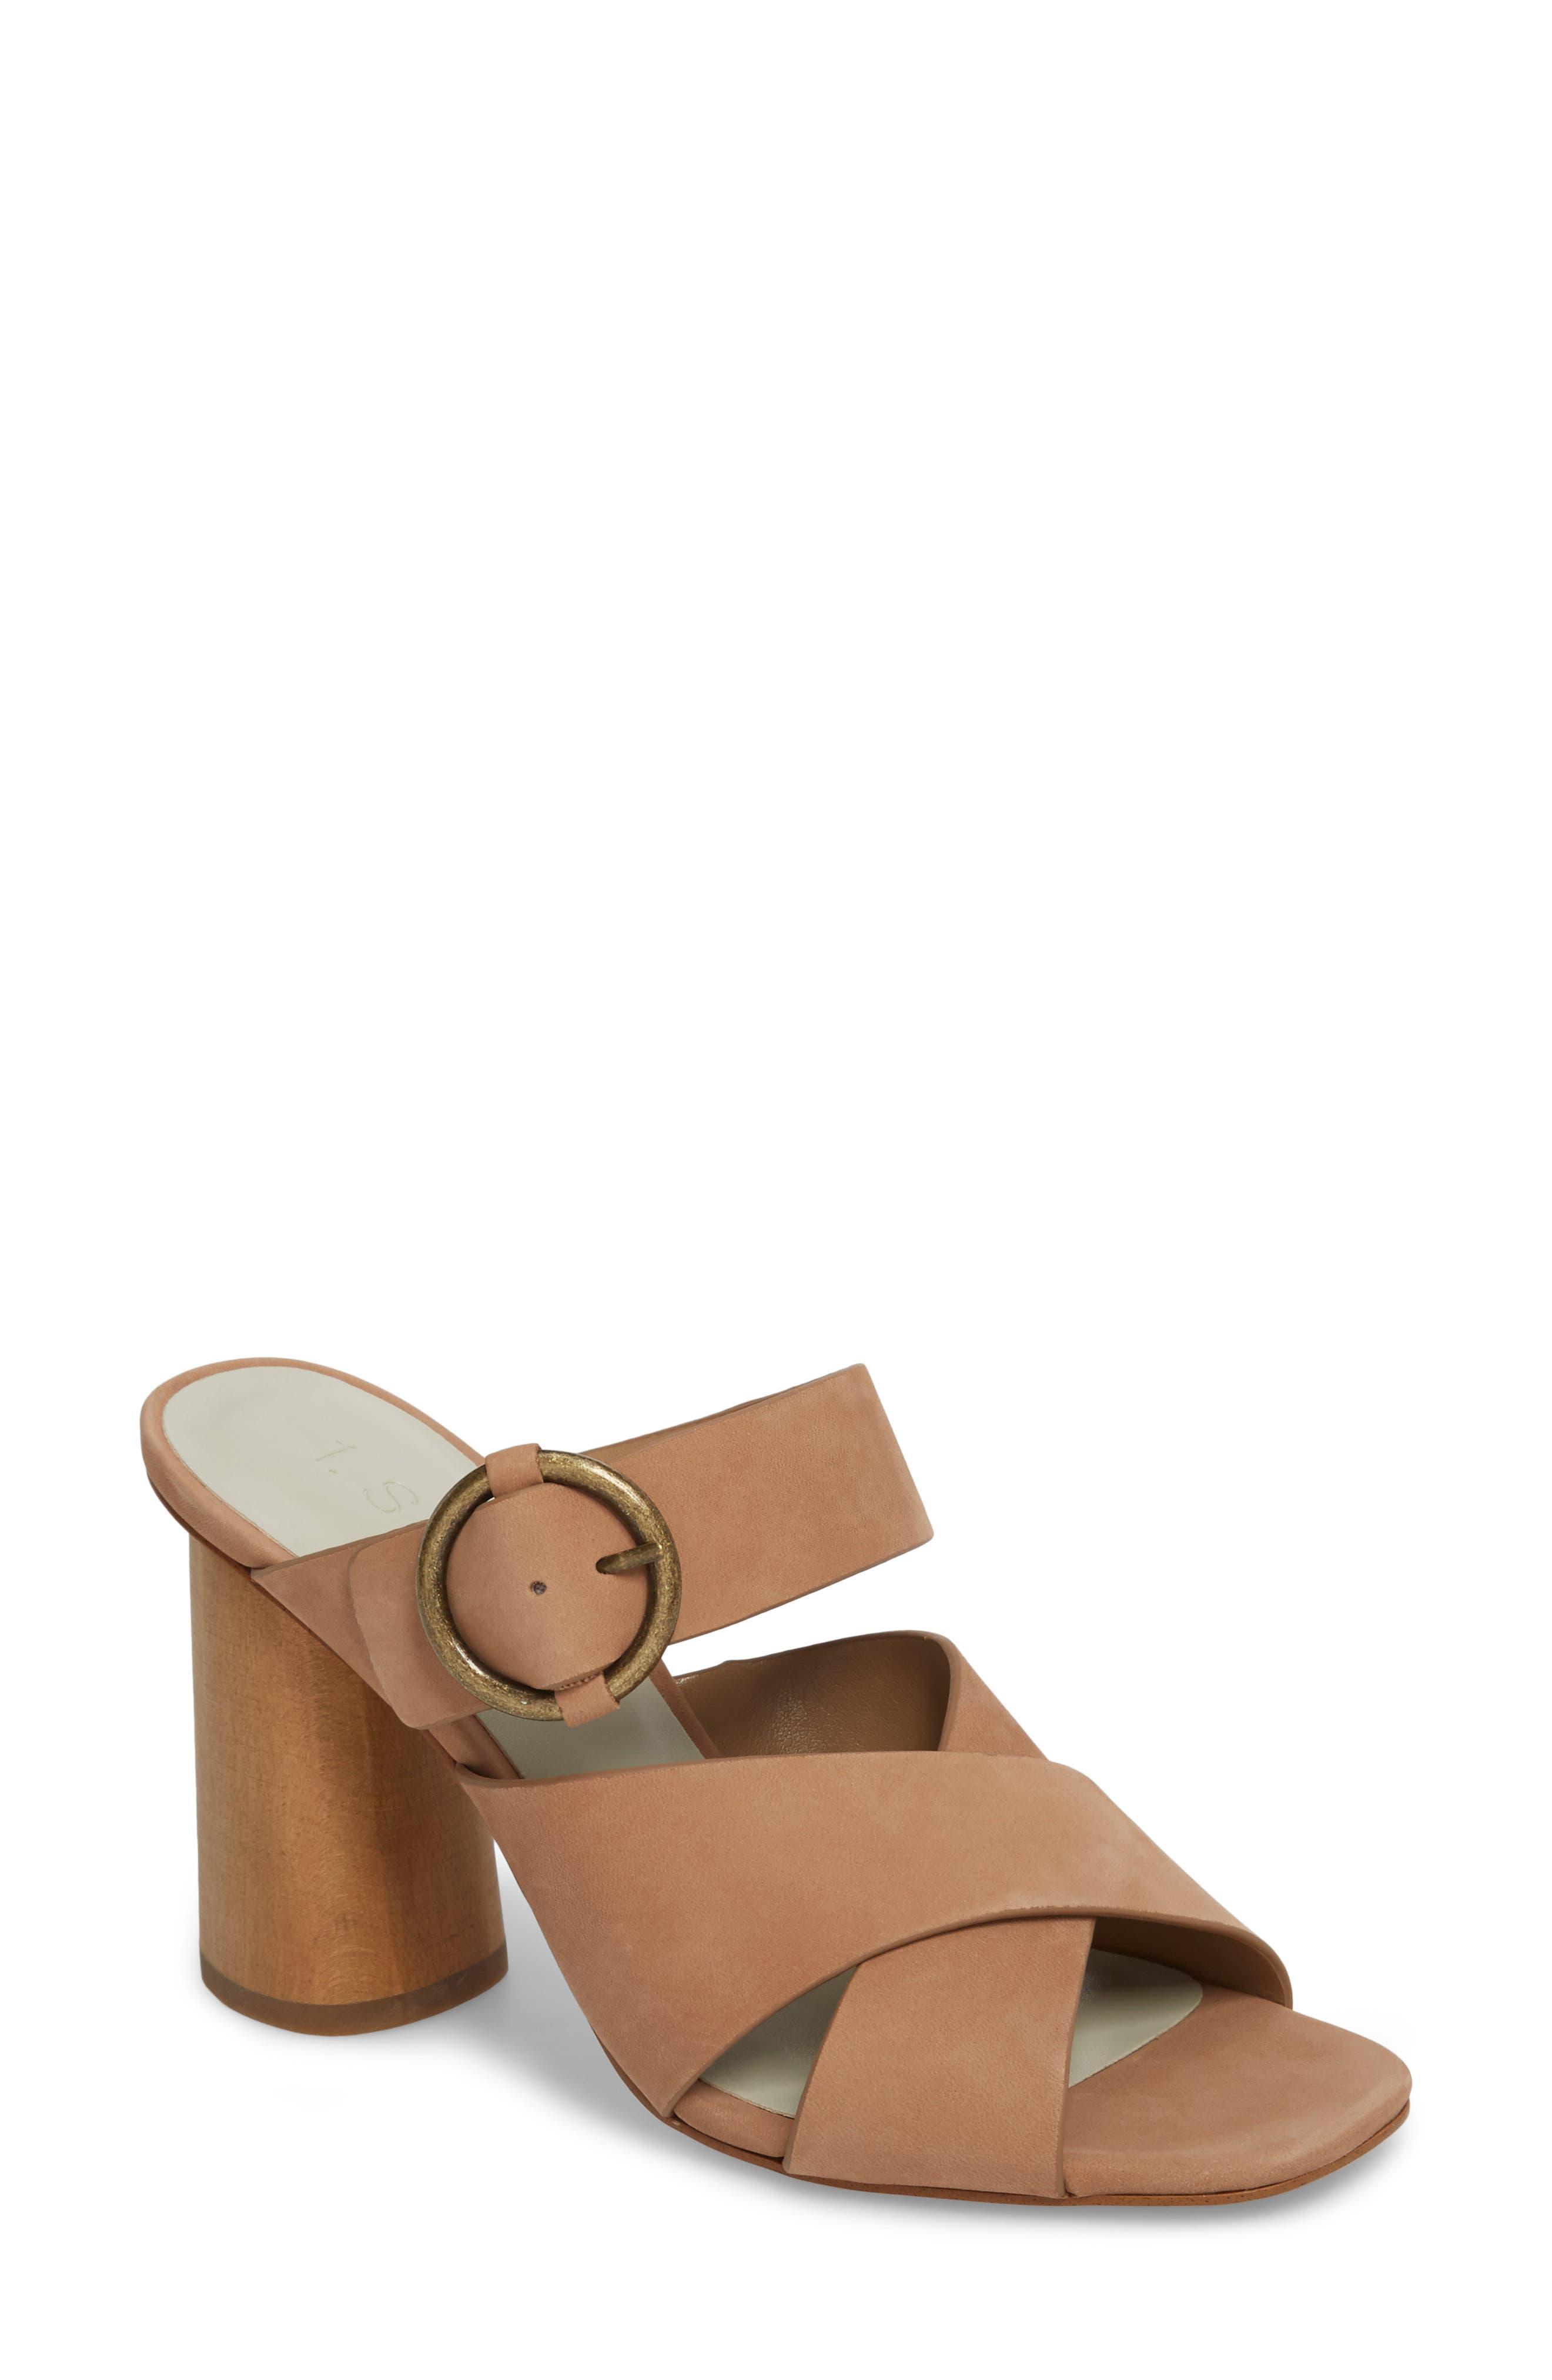 Icendra Flared Heel Mule Sandal,                             Main thumbnail 1, color,                             Teak Leather